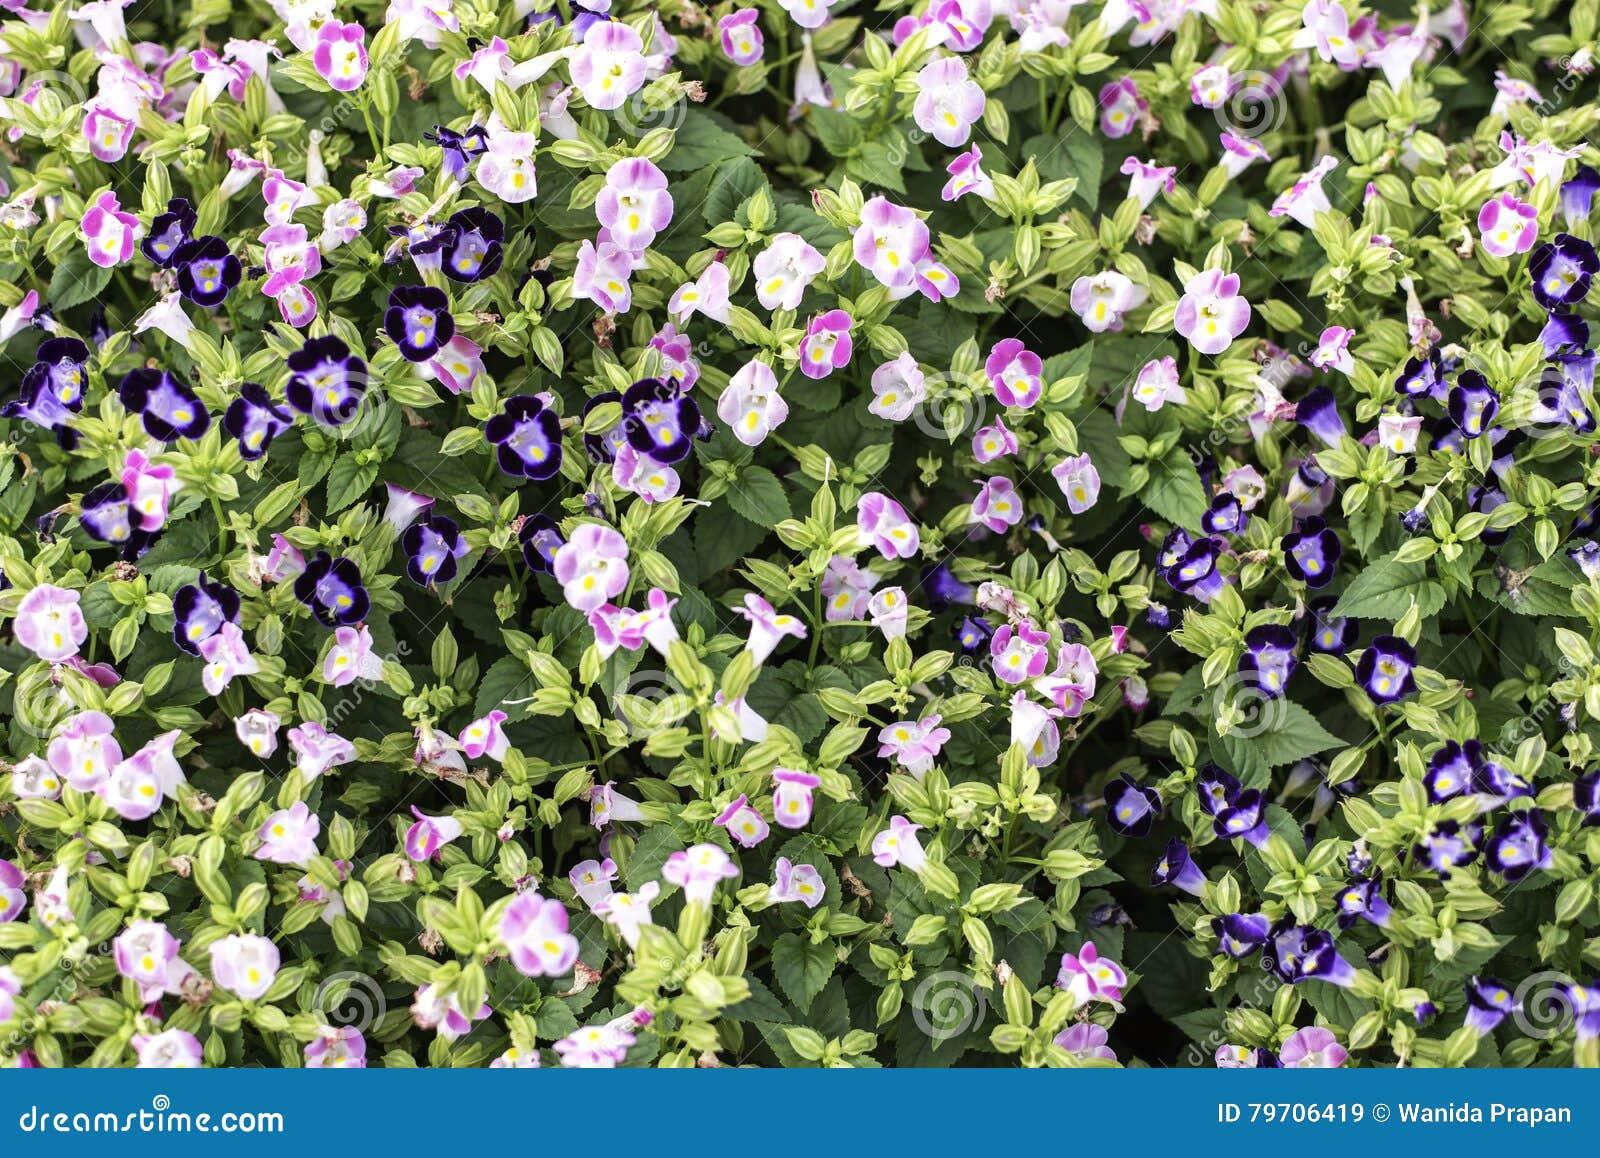 Selecteer nadrukbloemen van struik roze bloemen,